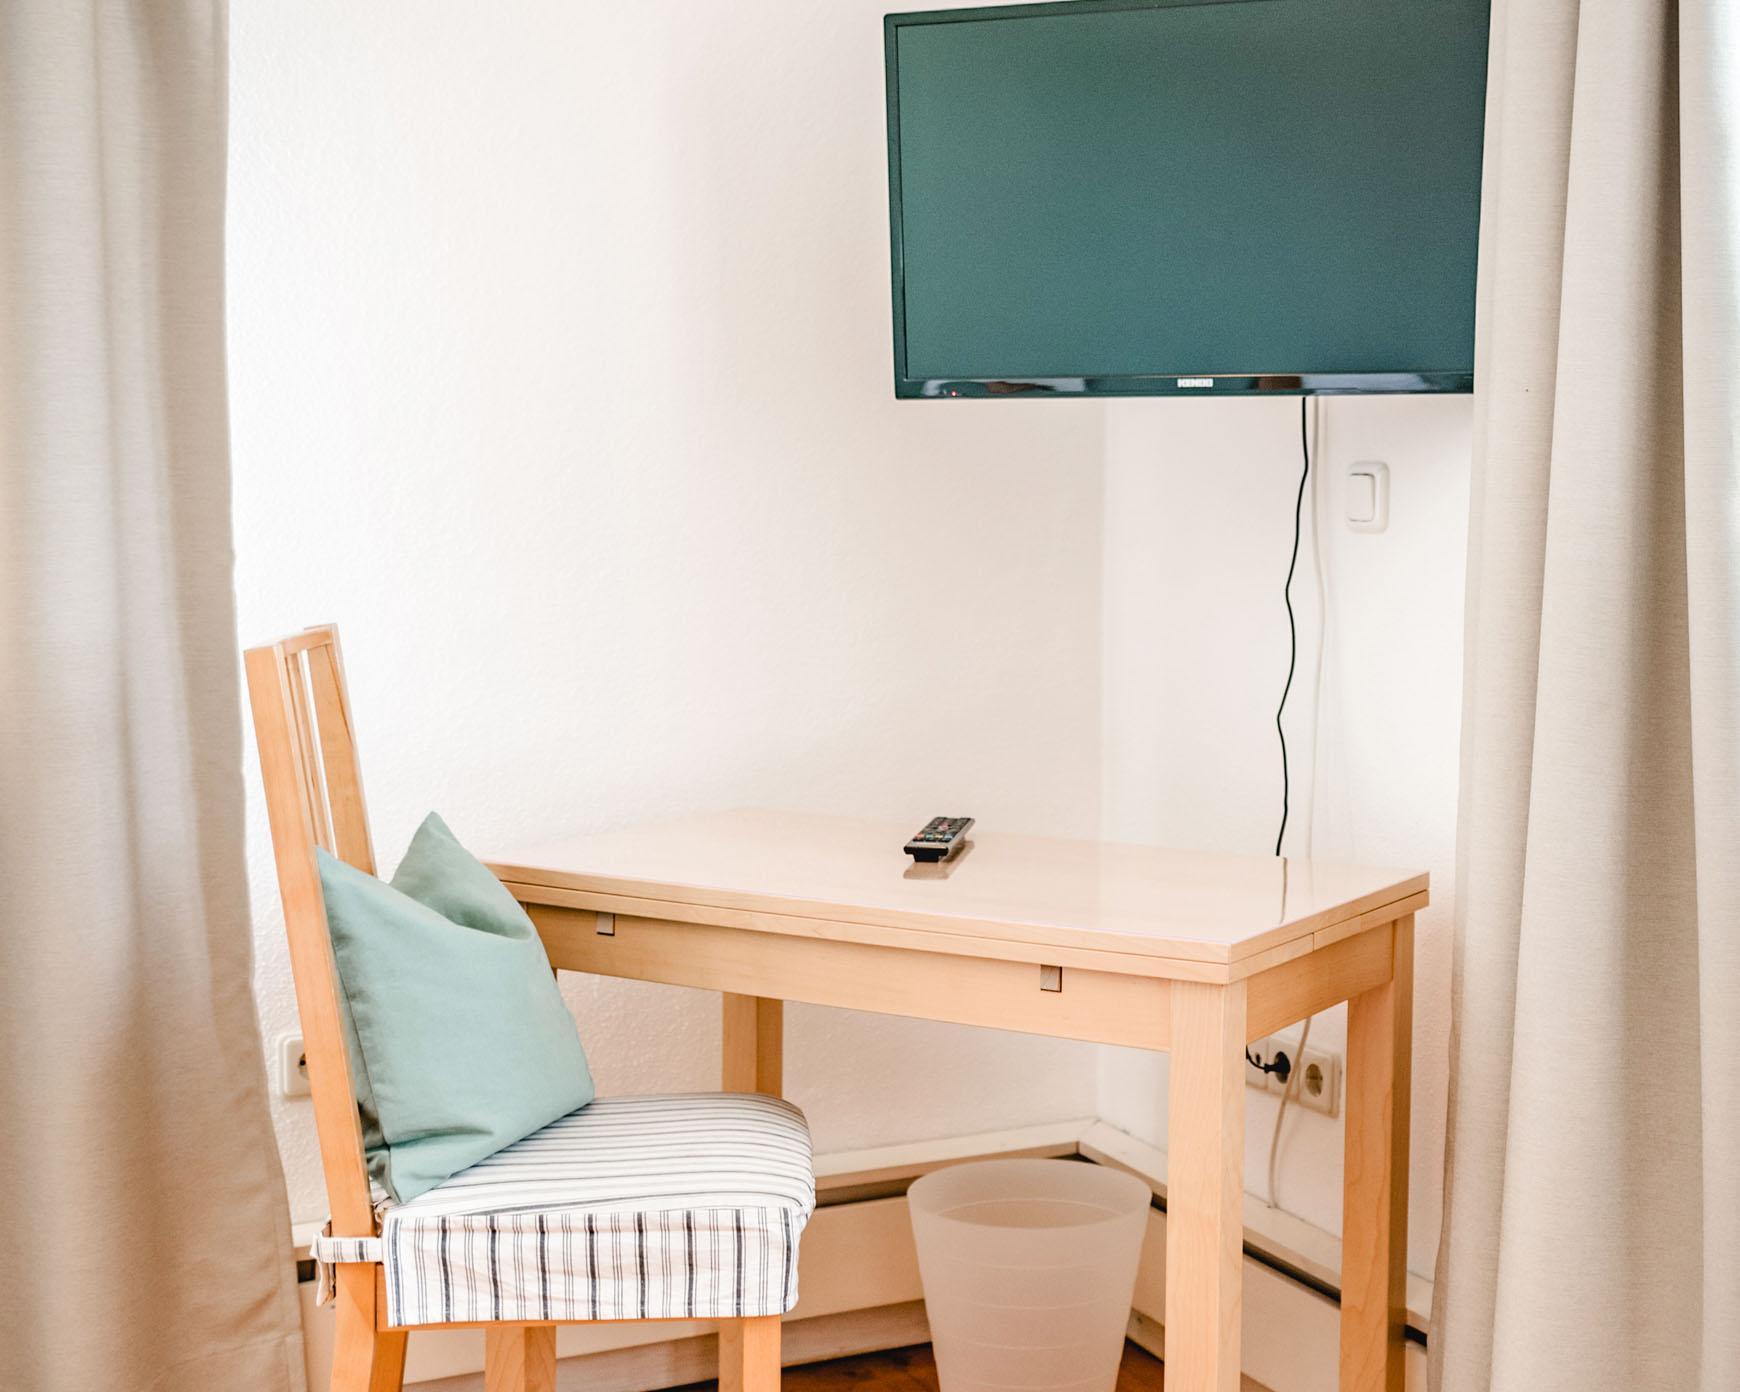 Doppelzimmer - Tisch und Flachbildschirm